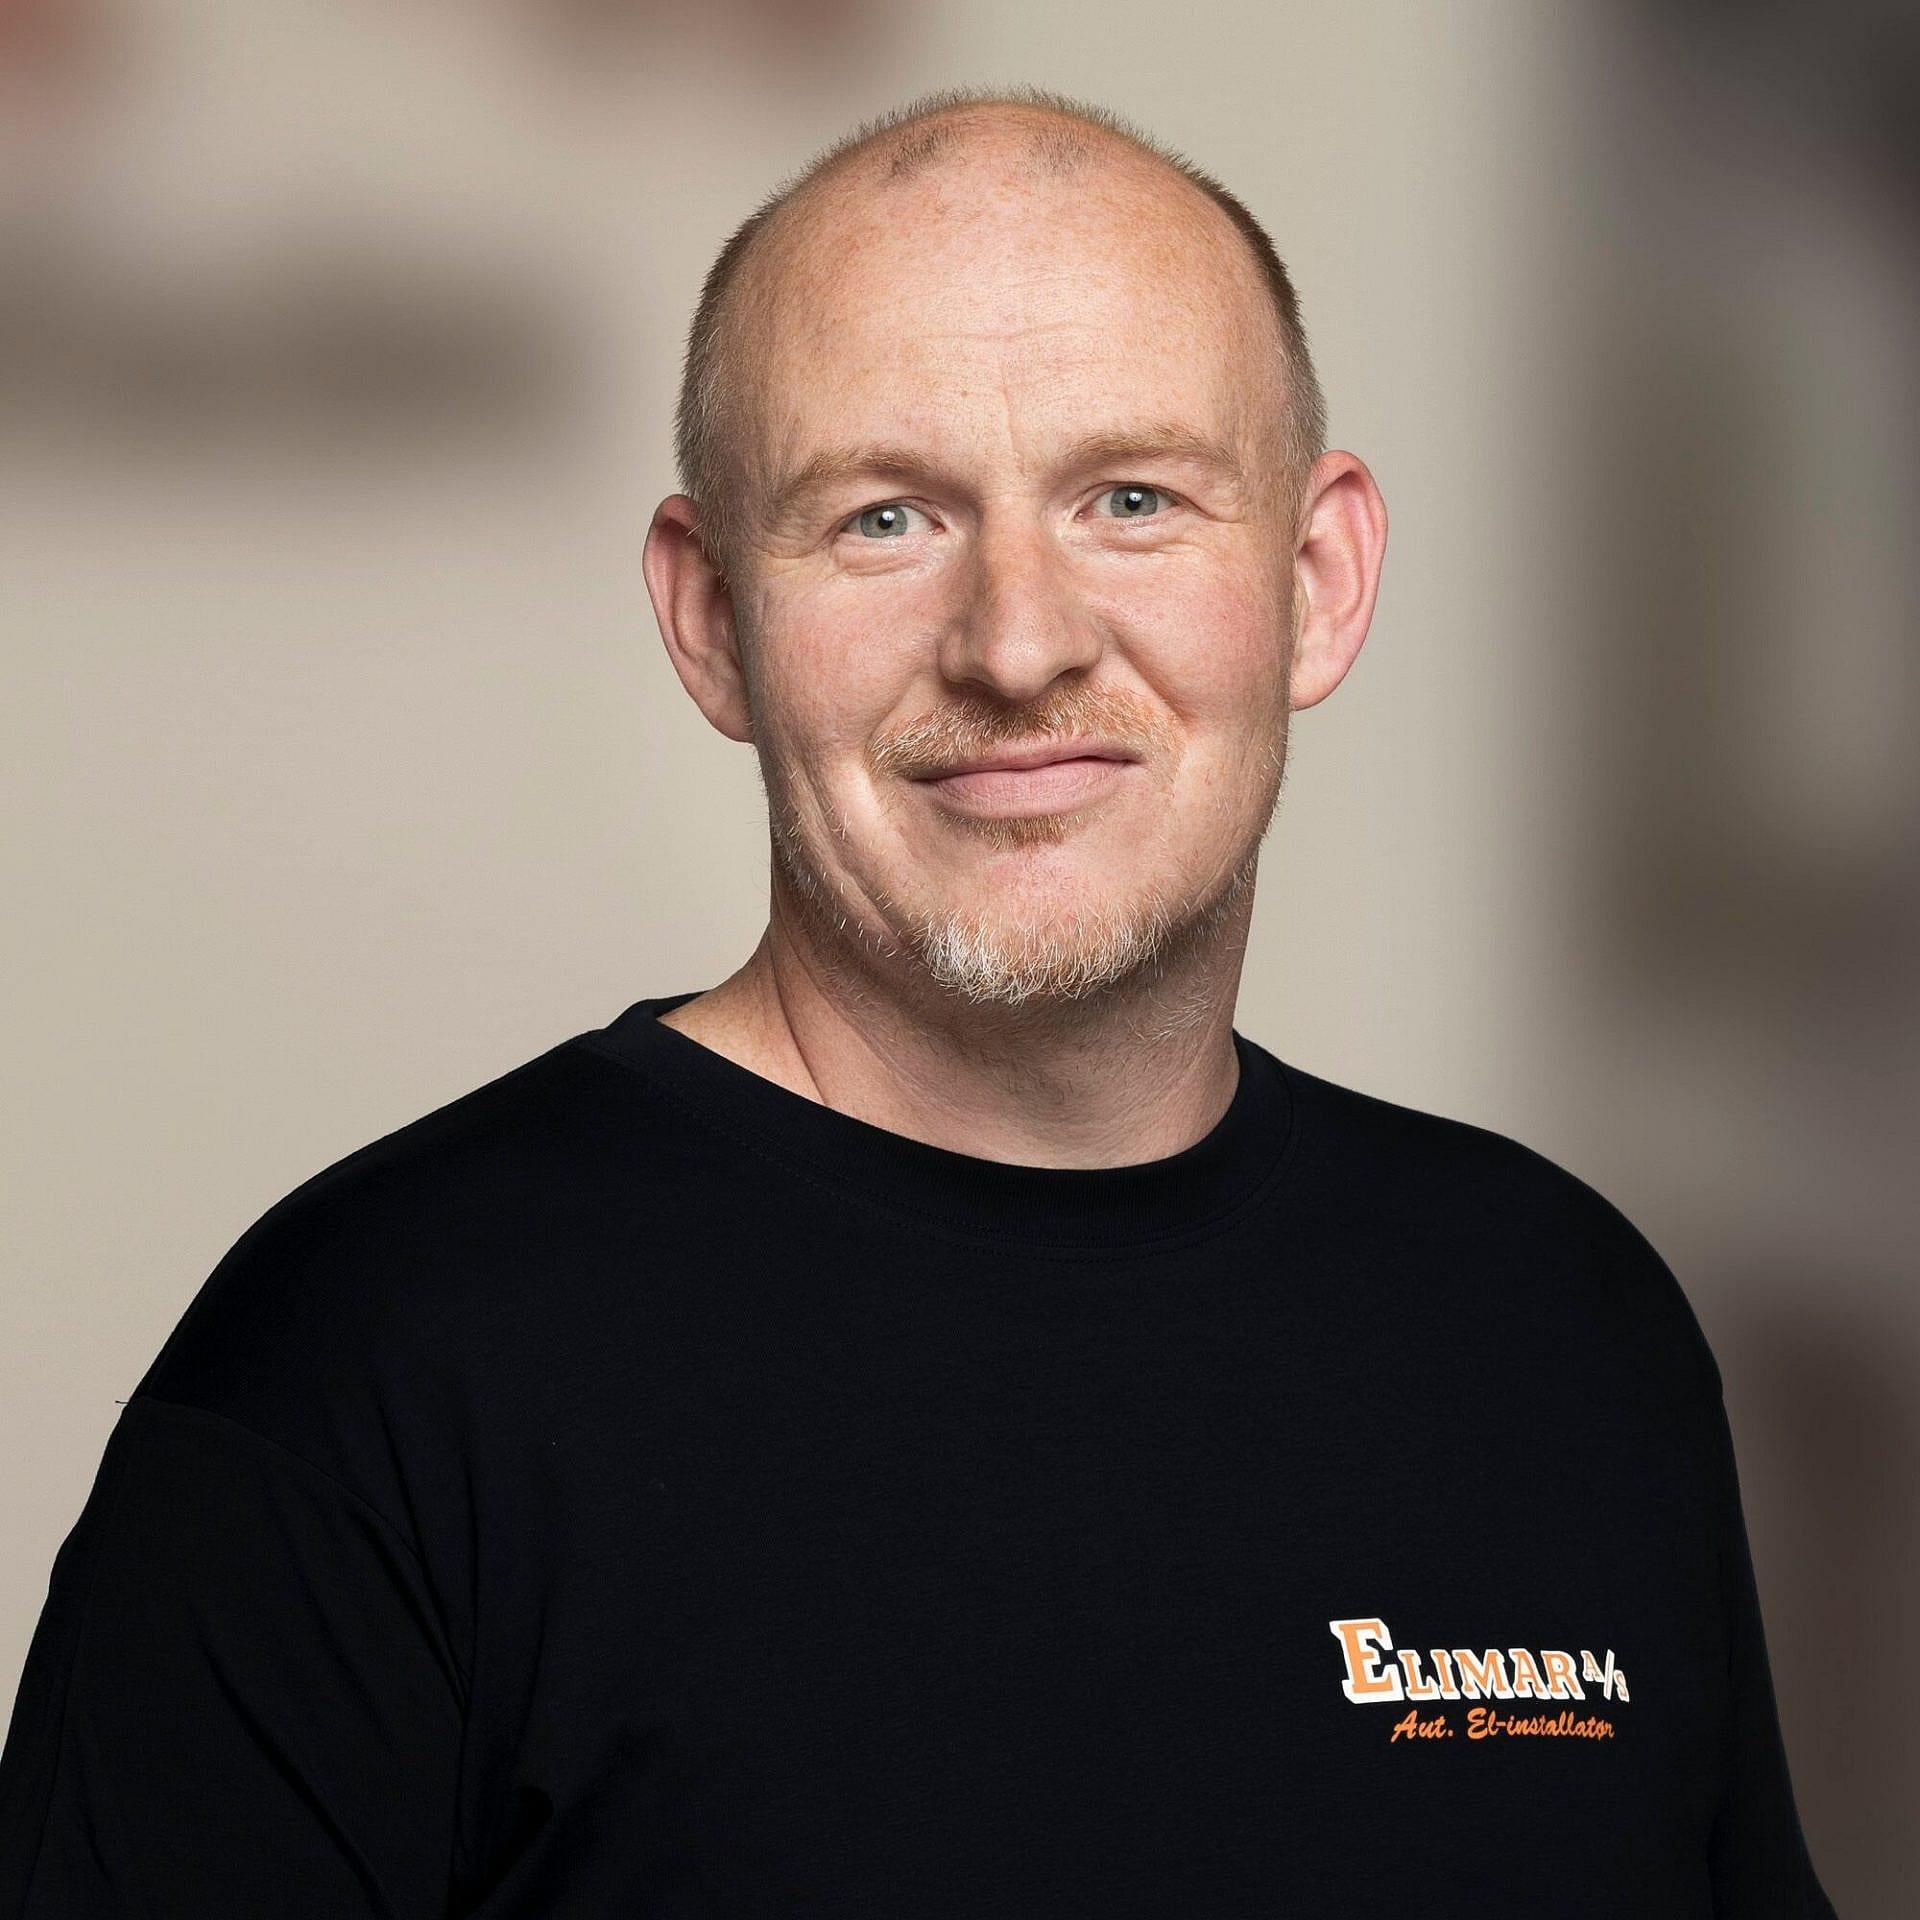 Dennis Corlin